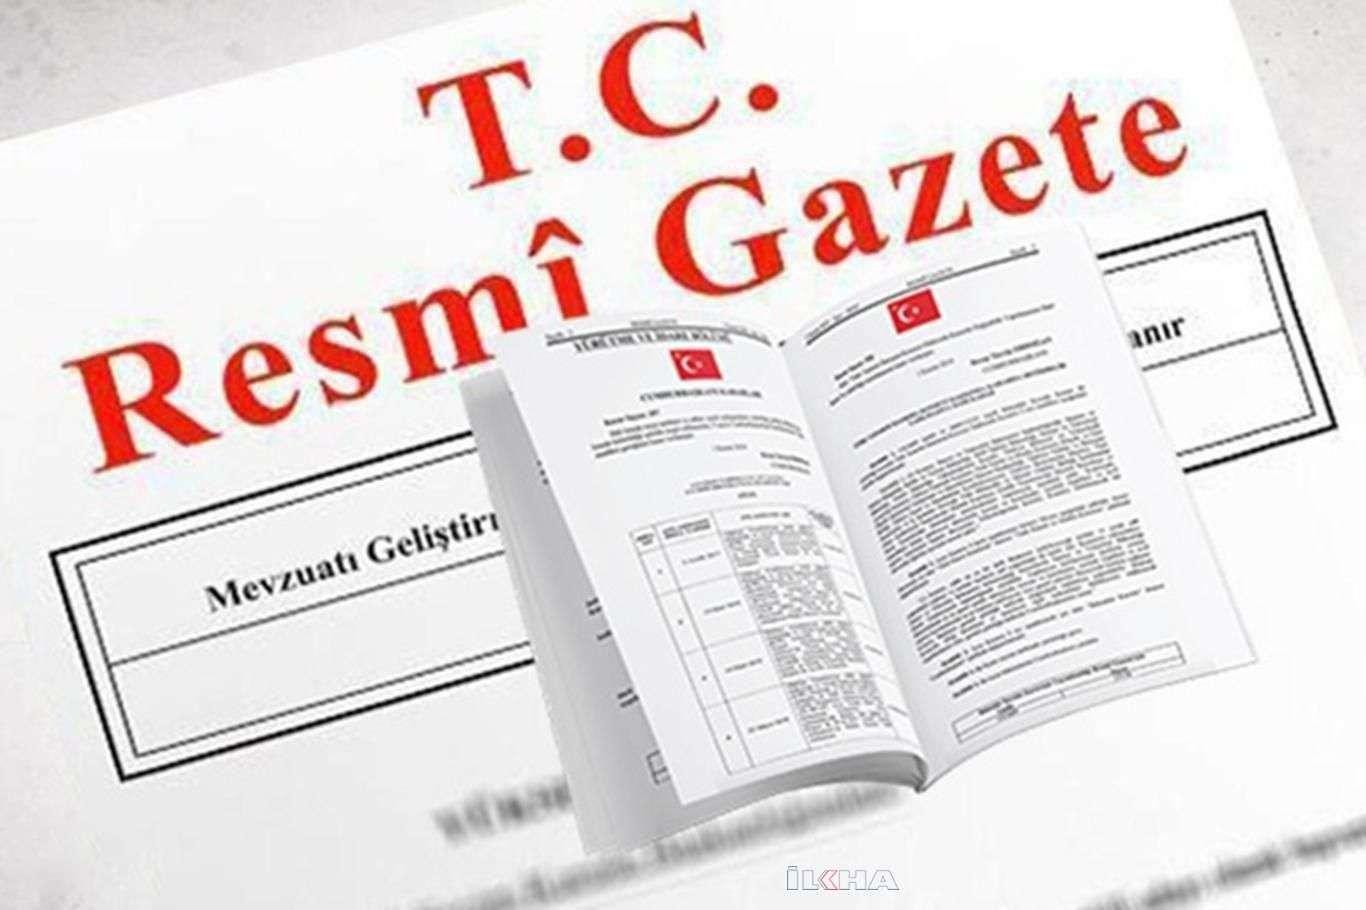 Merkez Bankası Başkan Yardımcısı Murat Çetinkaya'nın yerine Mustafa Duman getirildi